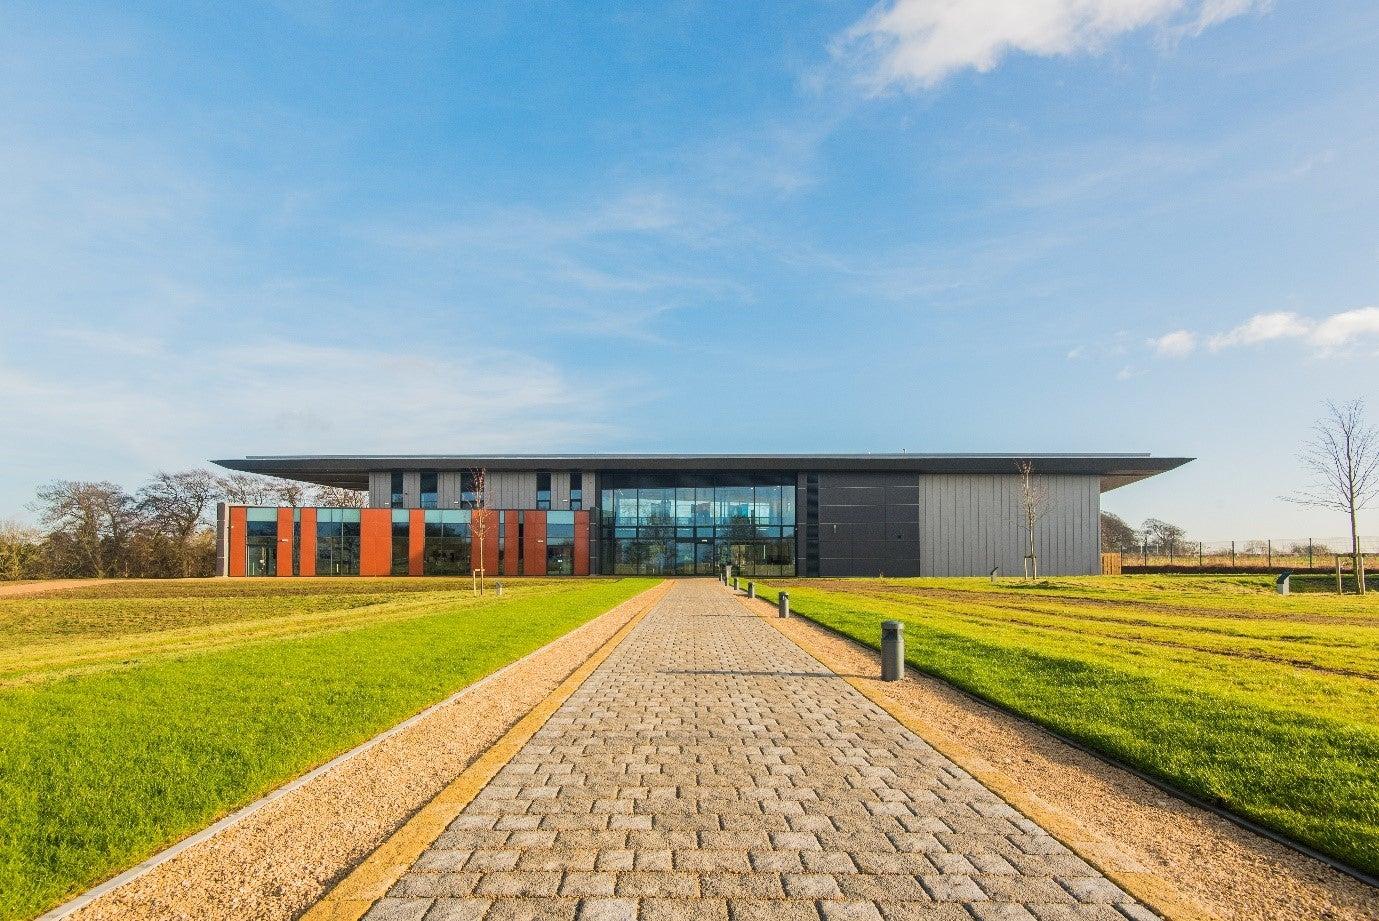 Bomber Command Centre Lincolnshire